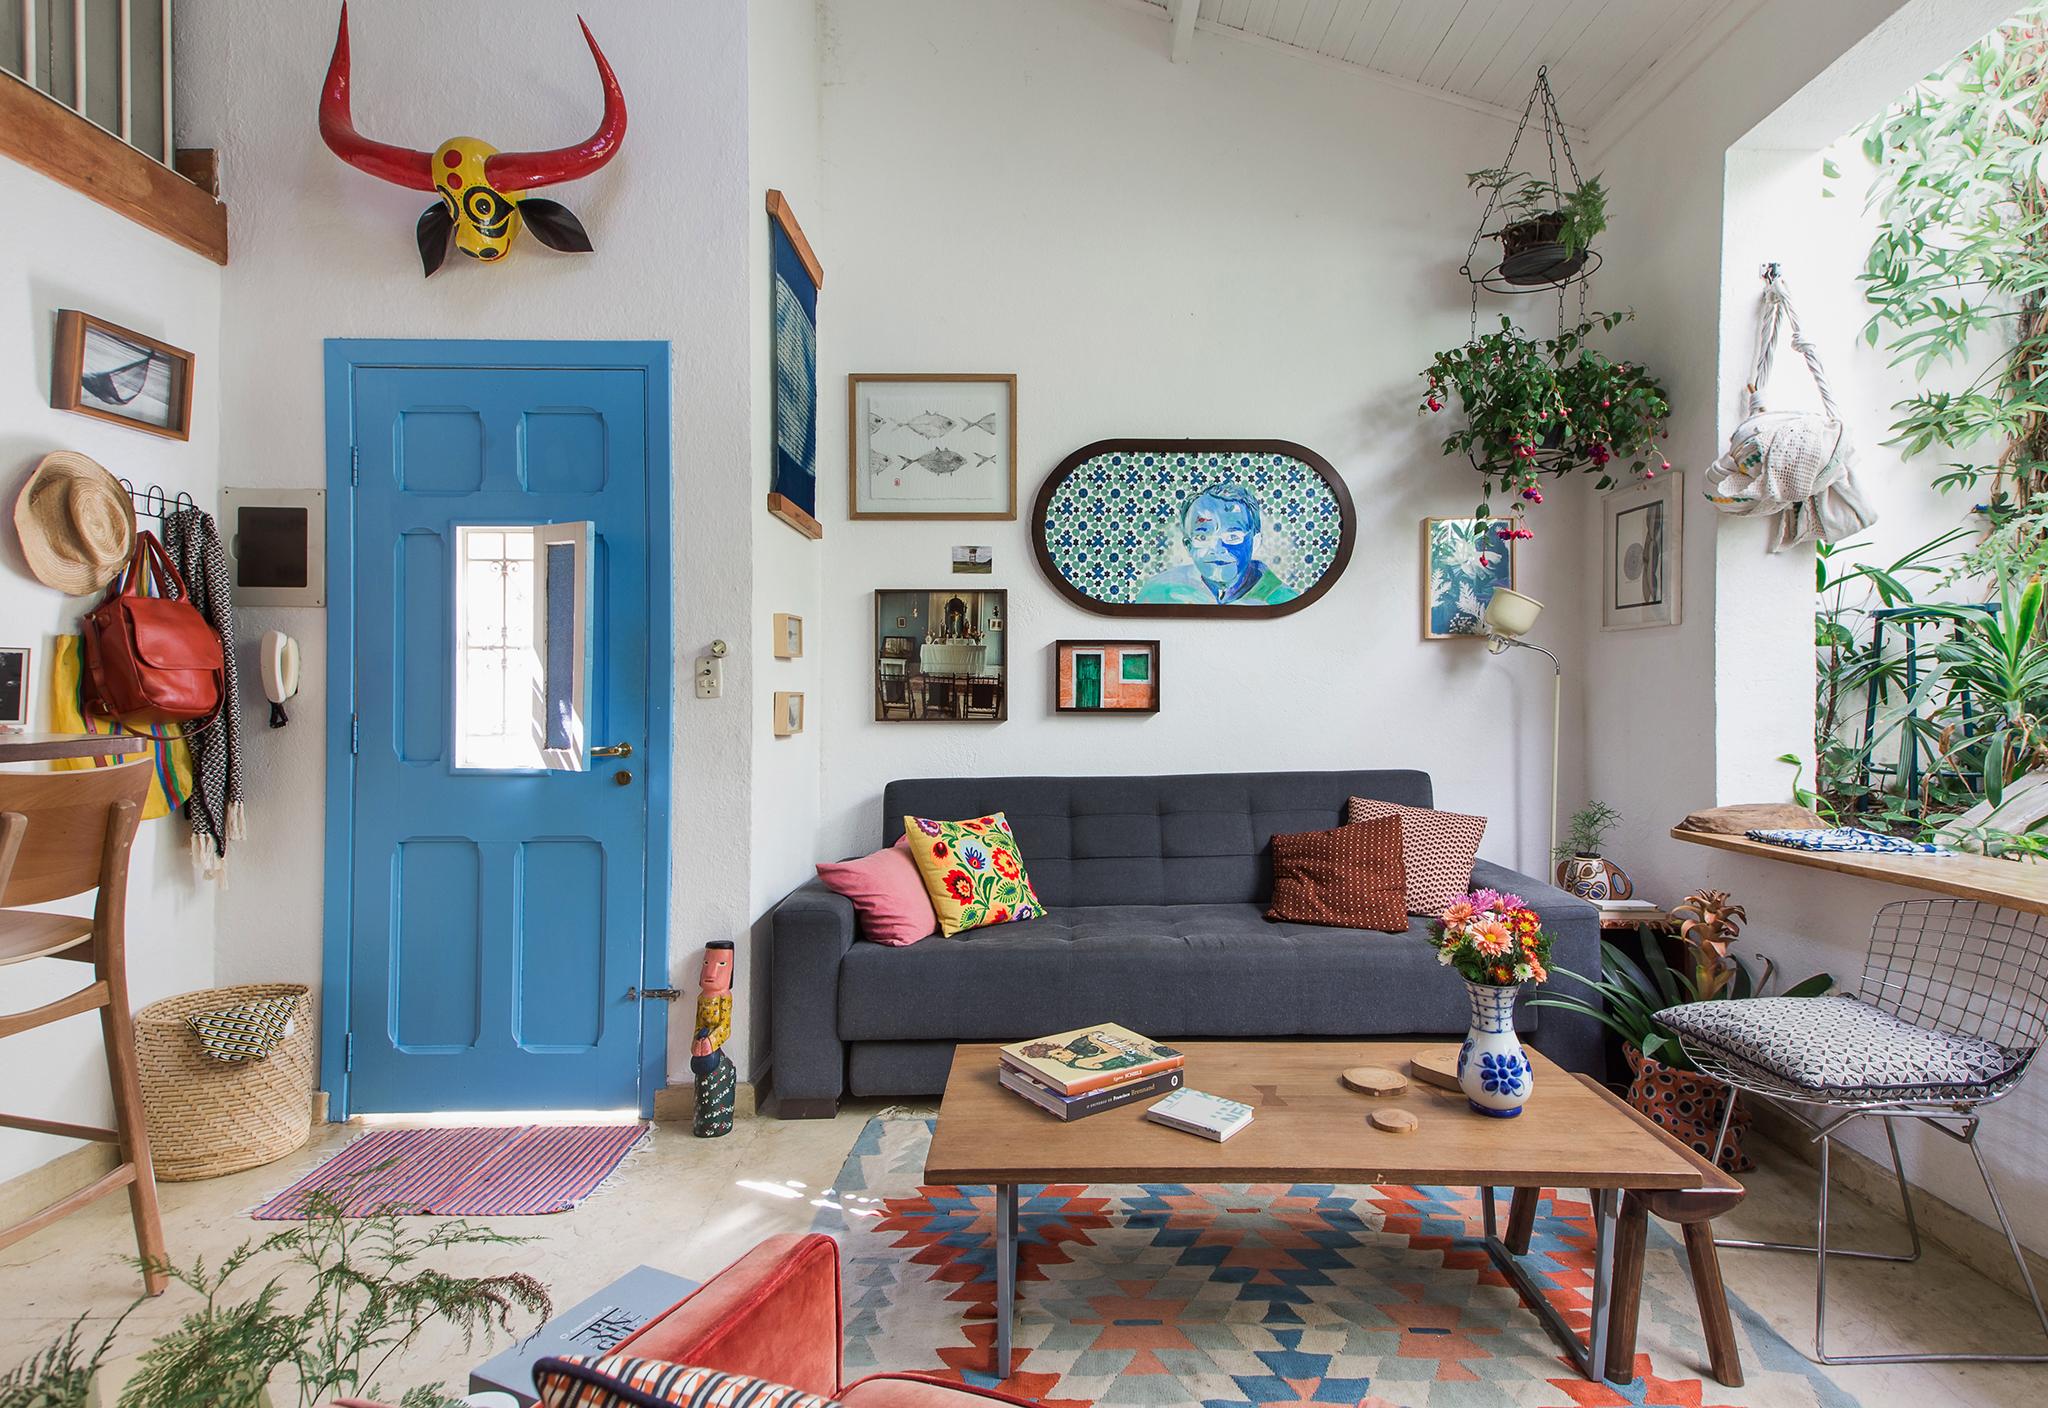 Casa com clima de interior e decoração colorida